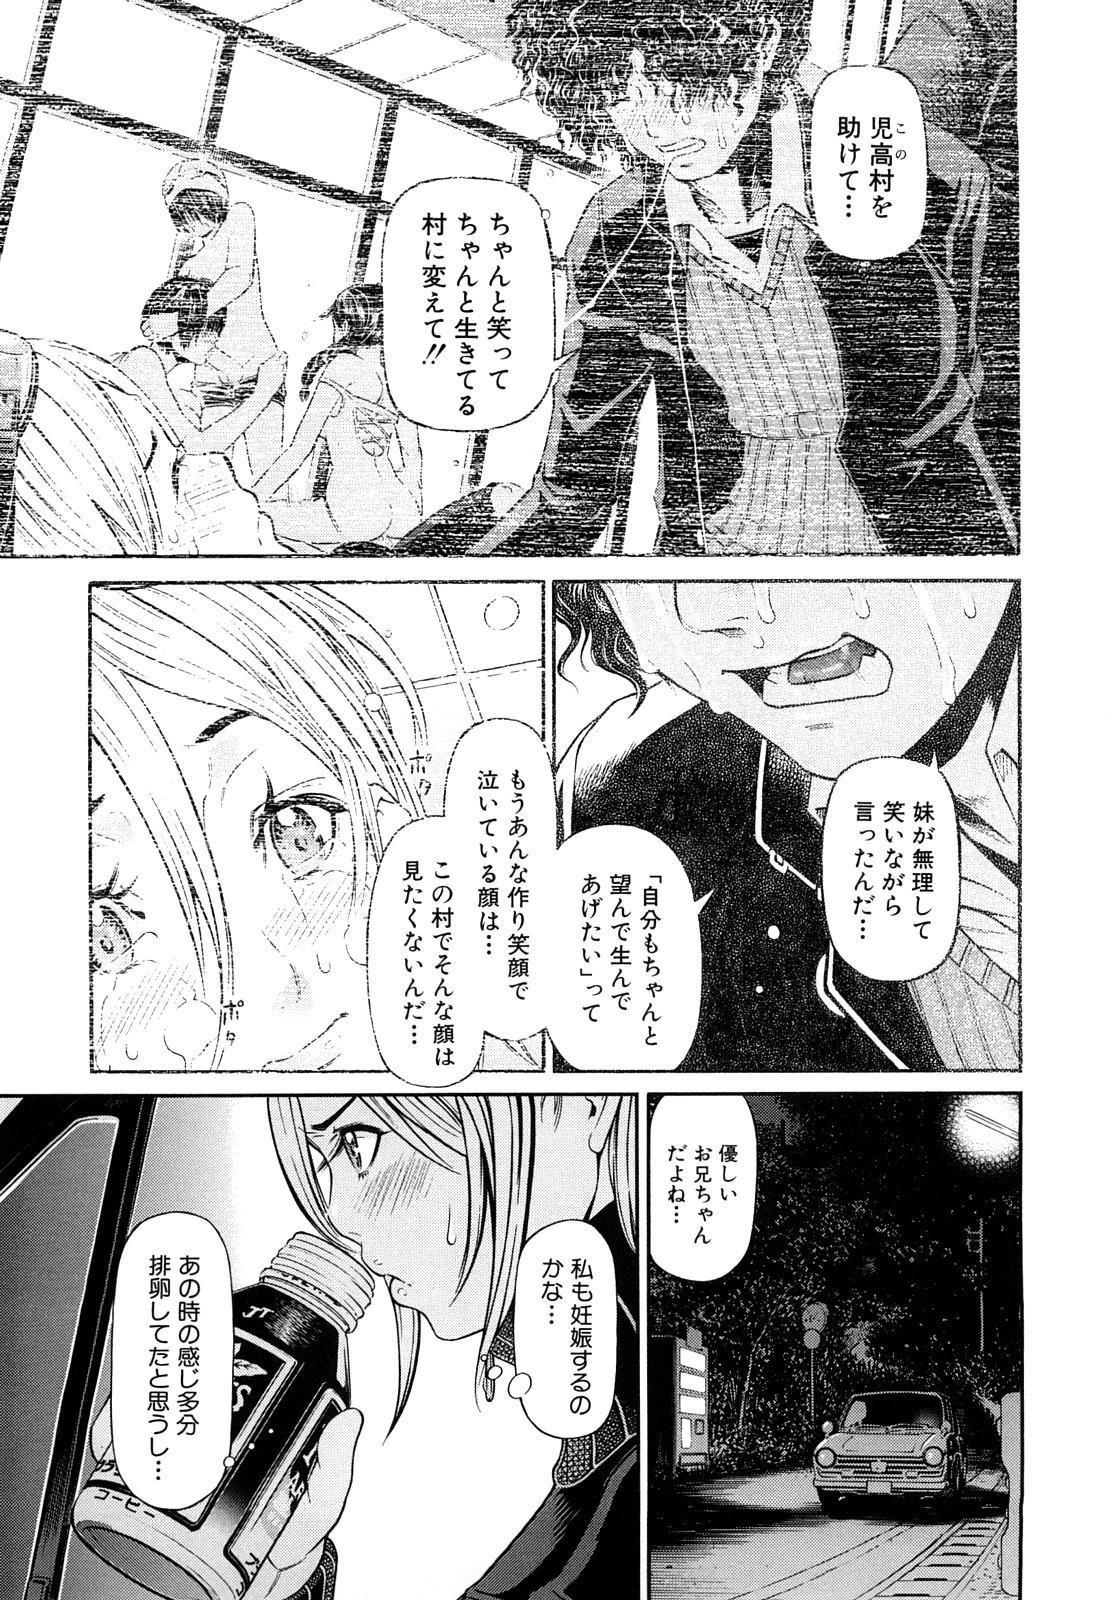 Chijyotachi no Kirifuda 157